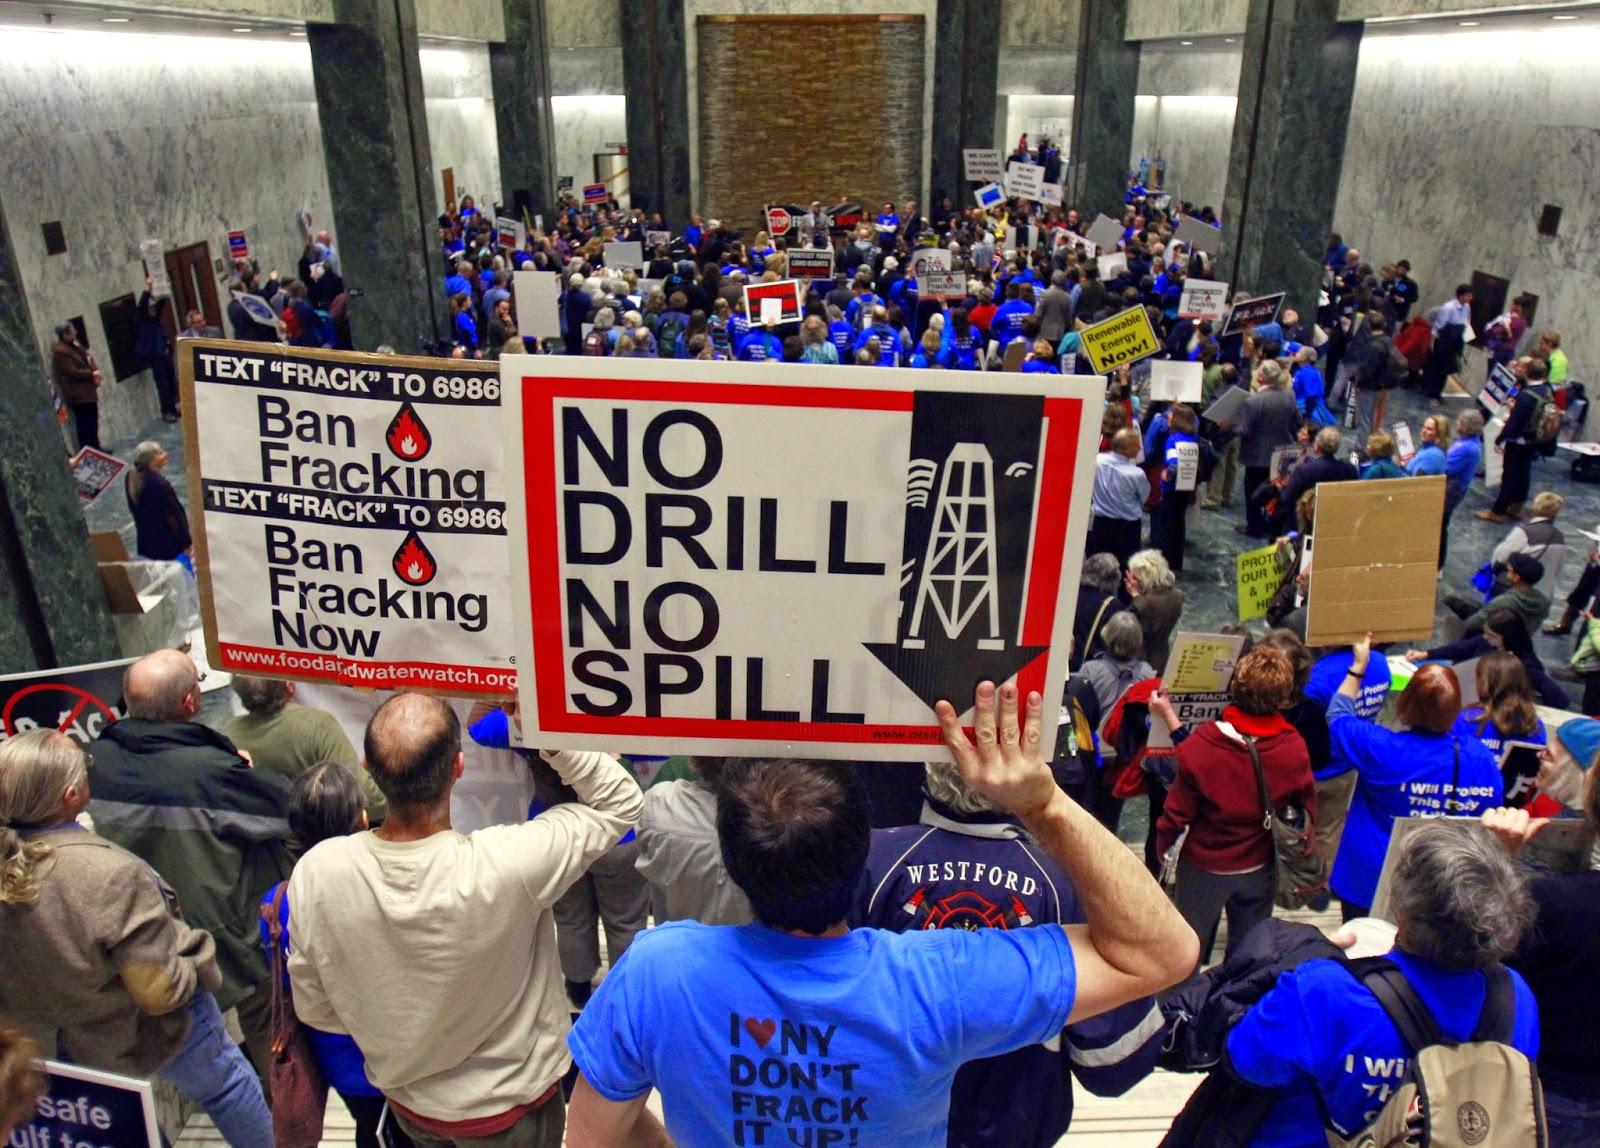 fracking, New York, Frack